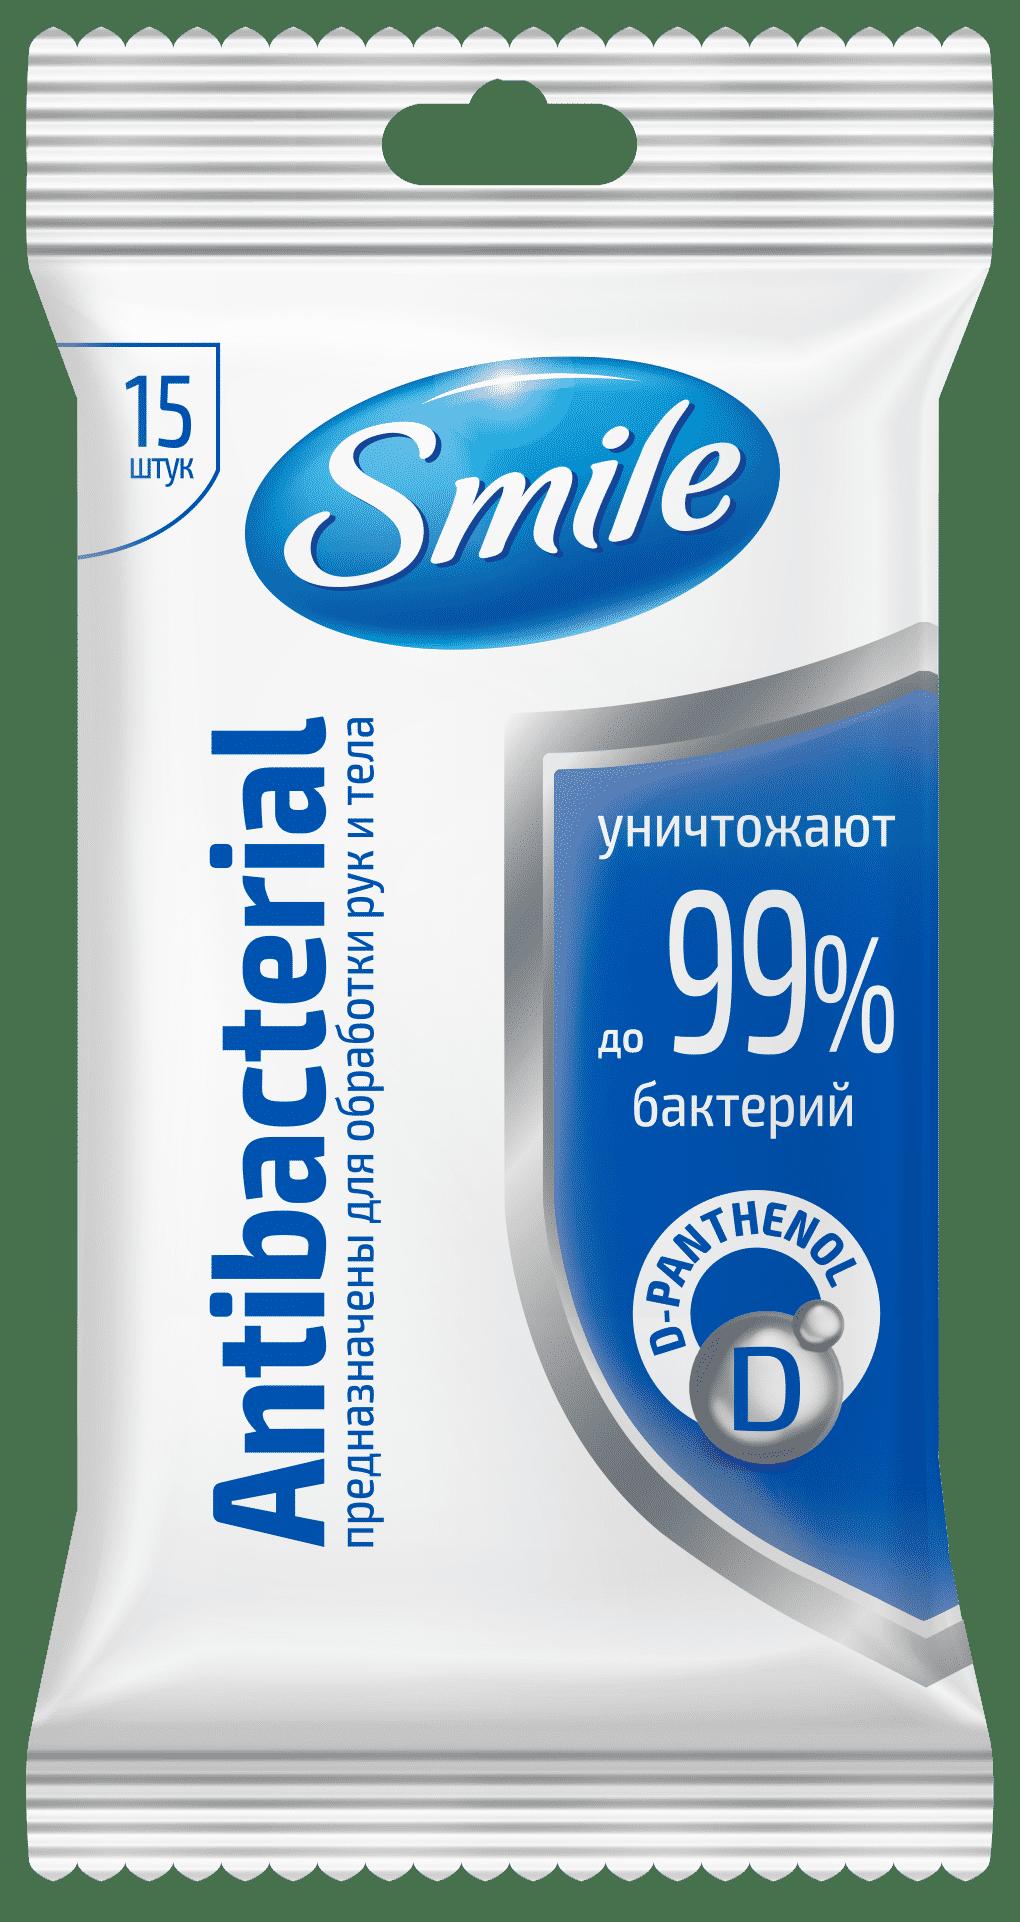 SMILE Серветка волога Antibacterial з Д-пантенолом, 15шт.